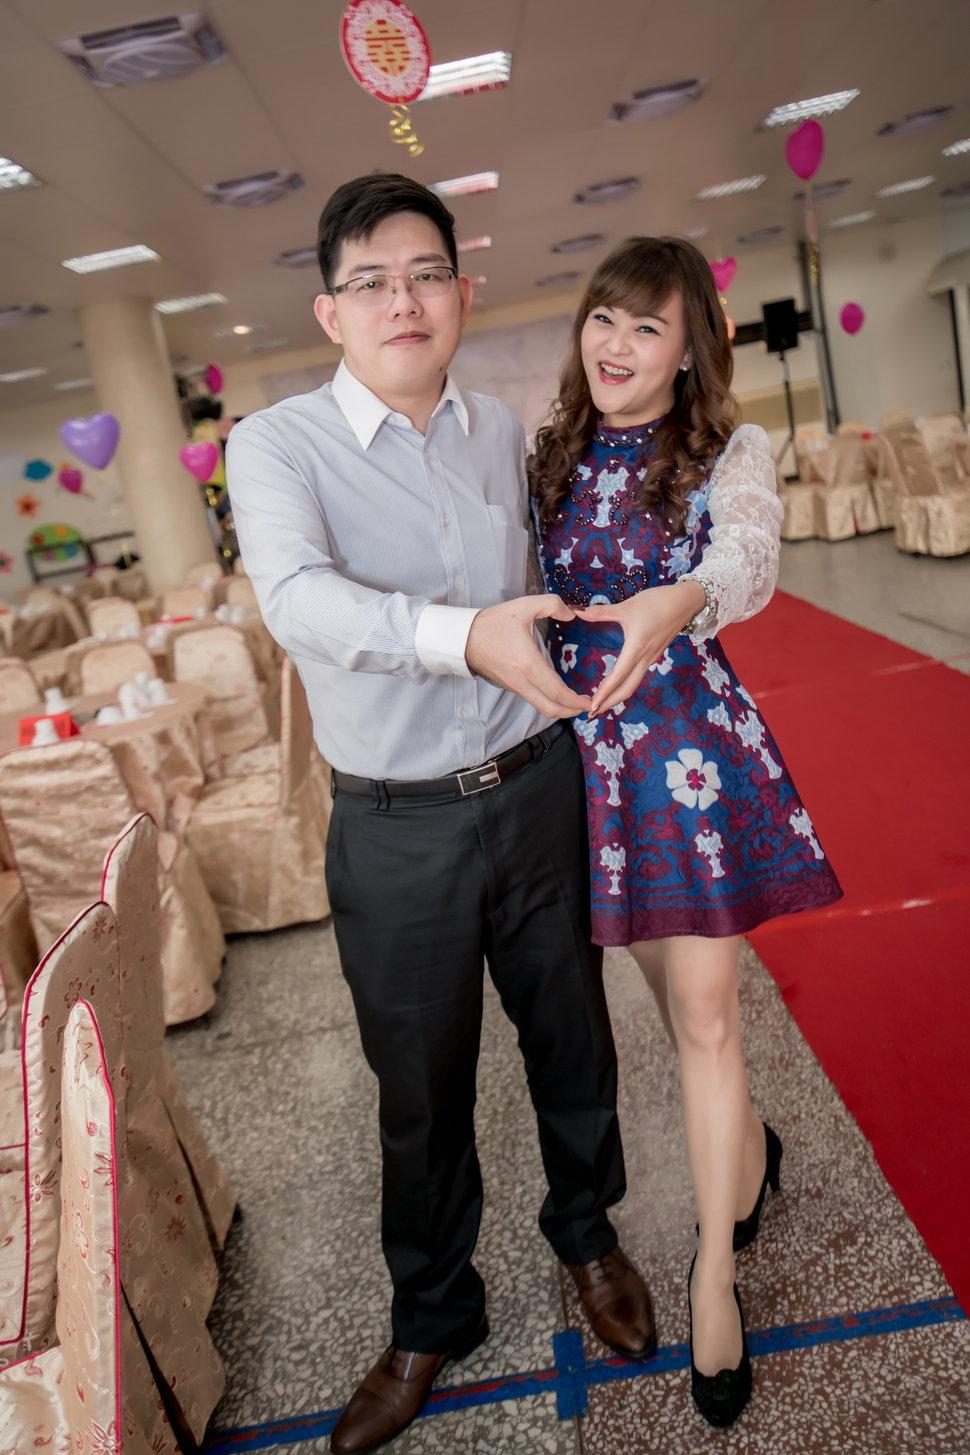 DSC_0018 - Daco  攝影工作室《結婚吧》